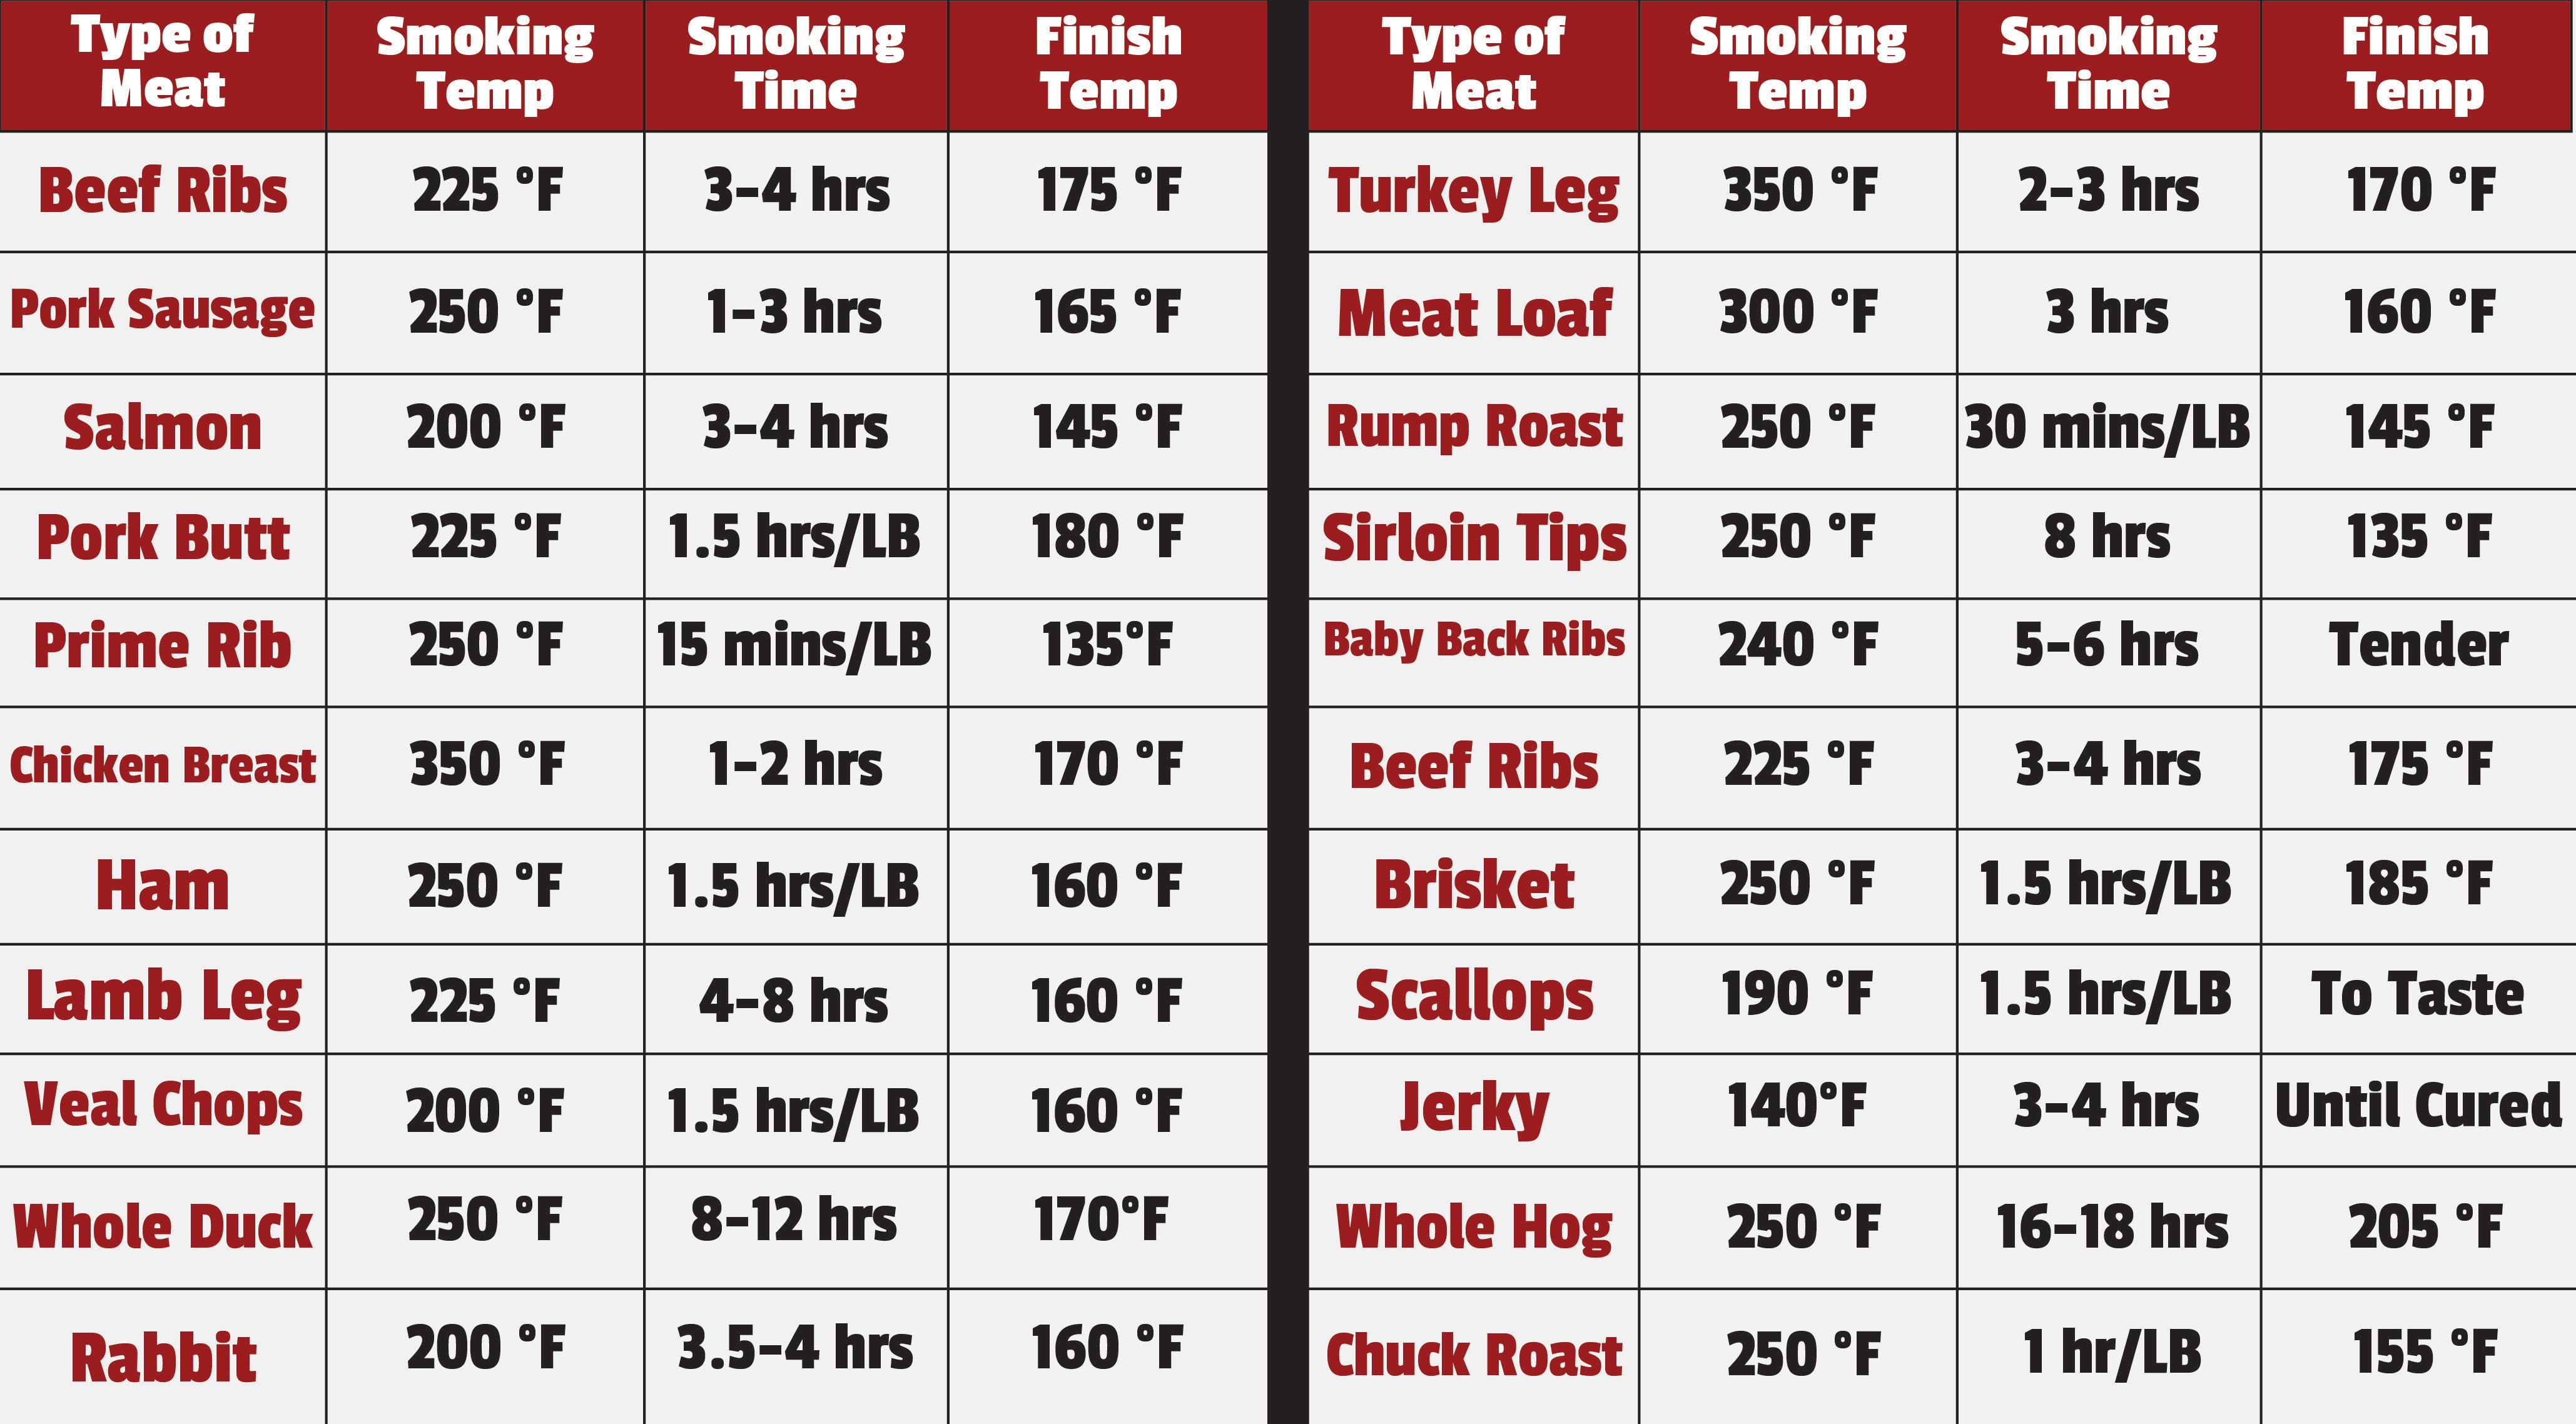 Smoking Meat Basics Types Of Smokers Smoking Meat 101